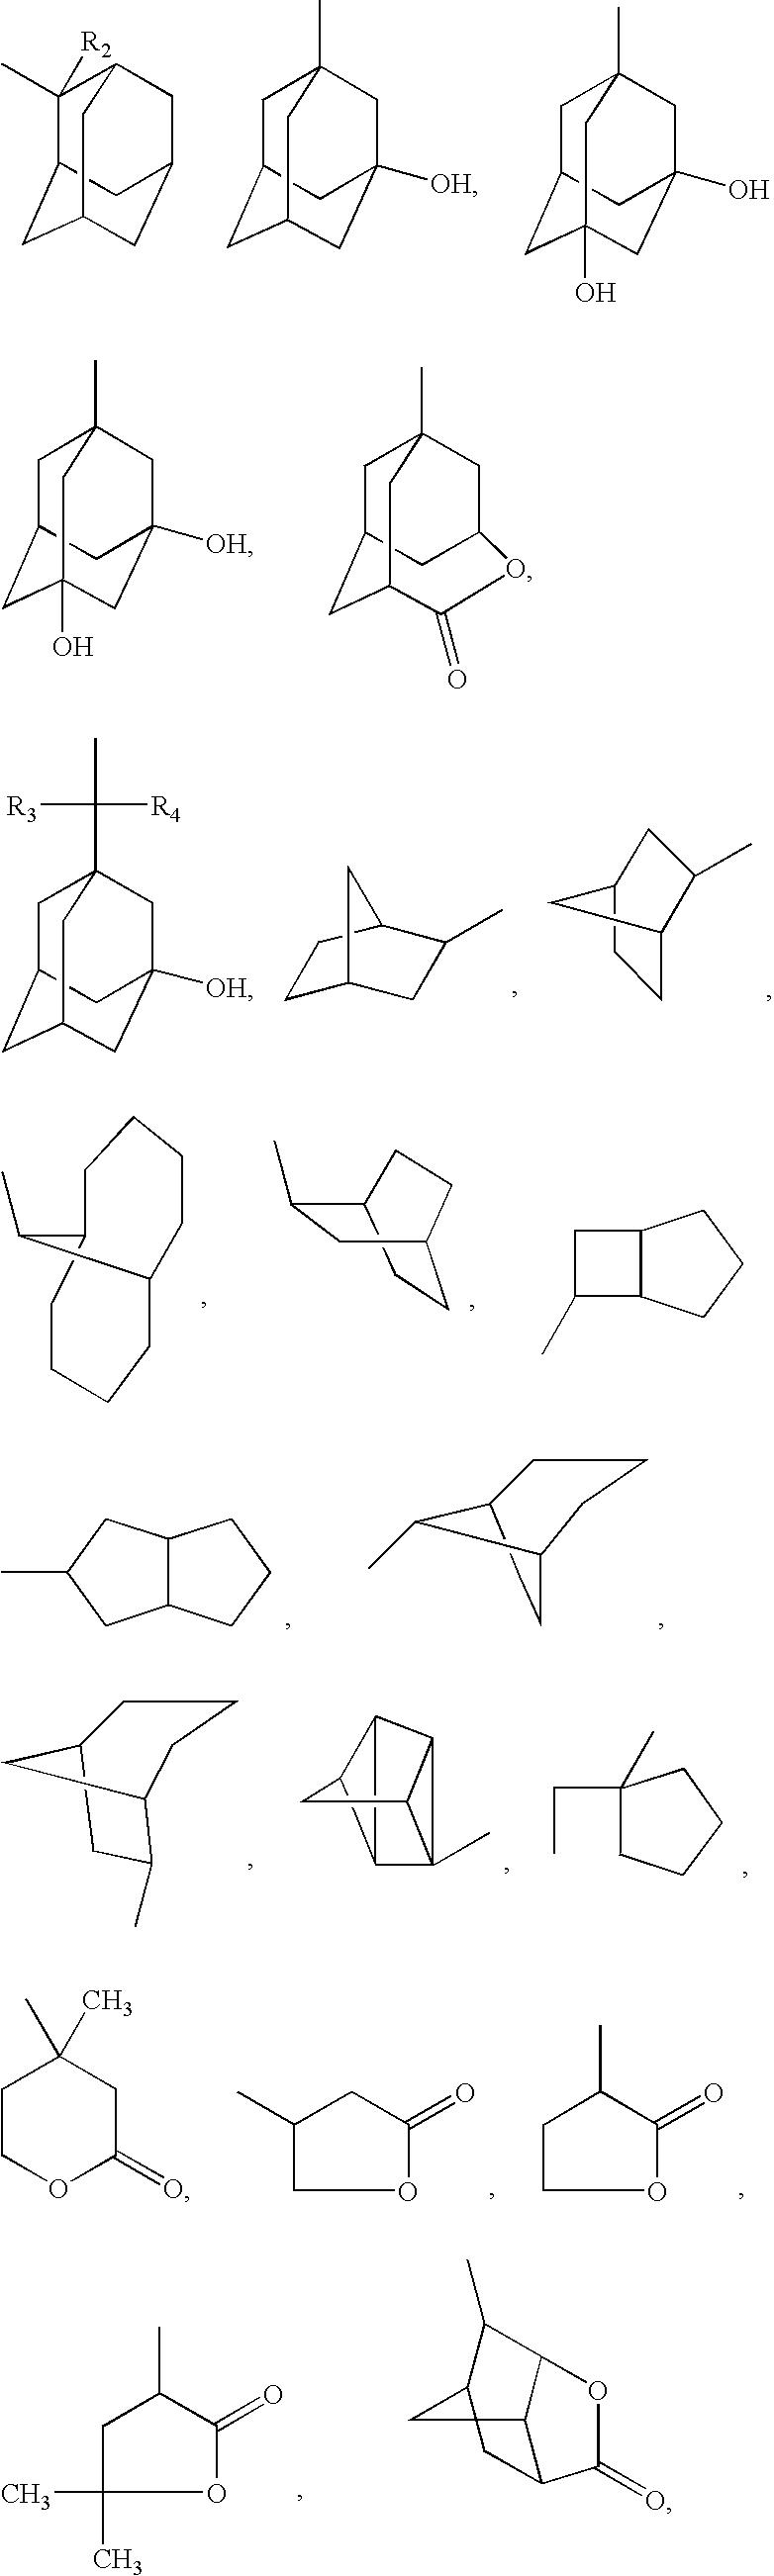 Figure US20050147915A1-20050707-C00017